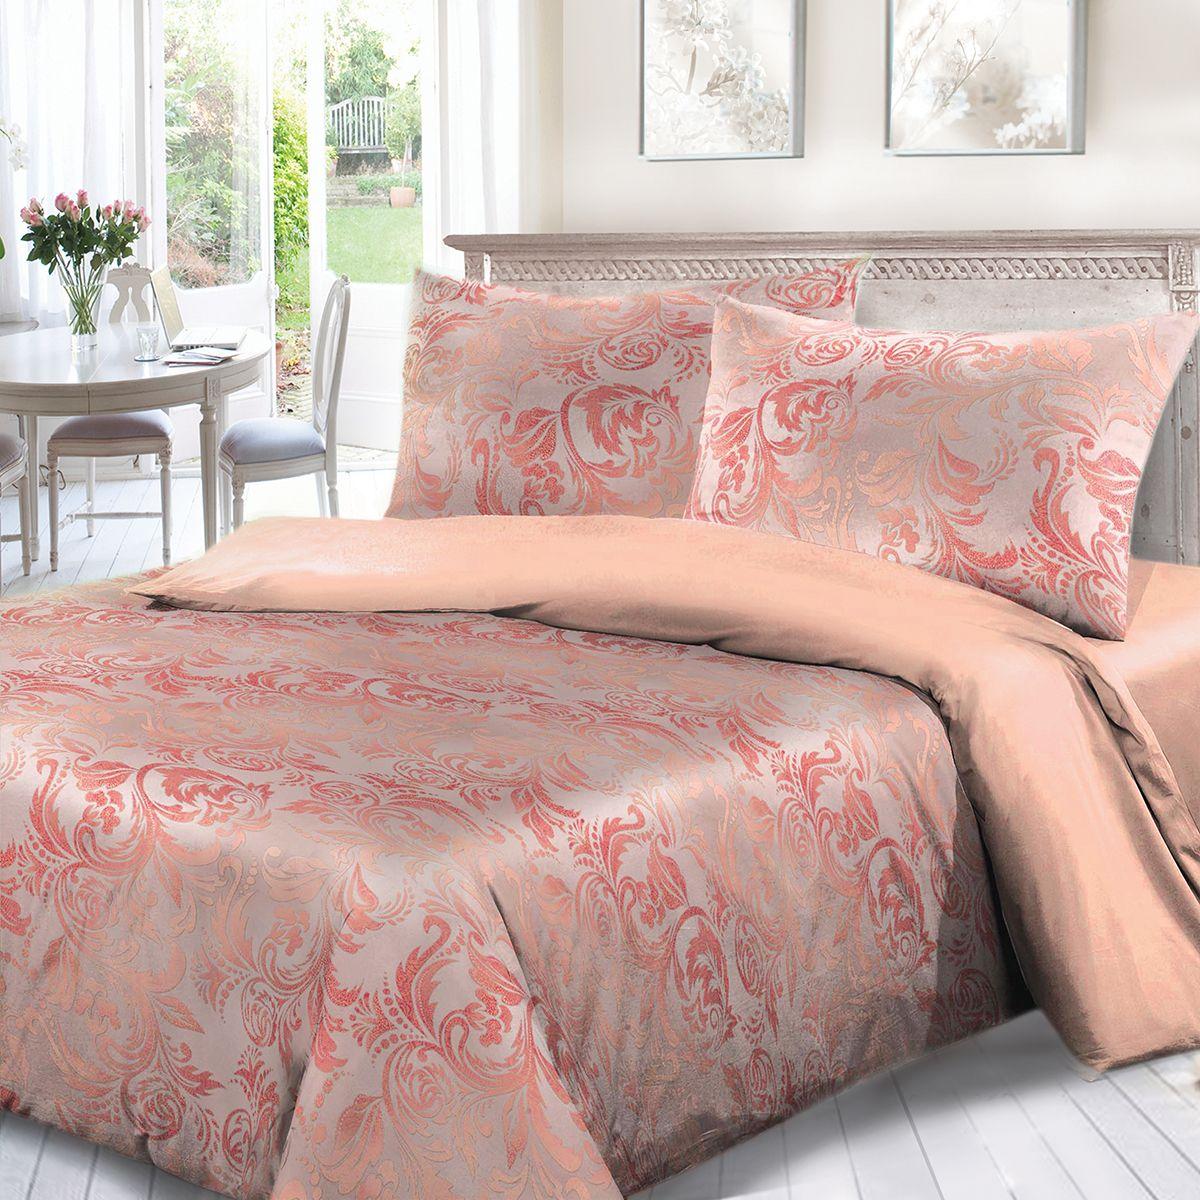 Комплект белья Сорренто Мажор, семейный, наволочки 70x70, цвет: розовый. 3963-180290